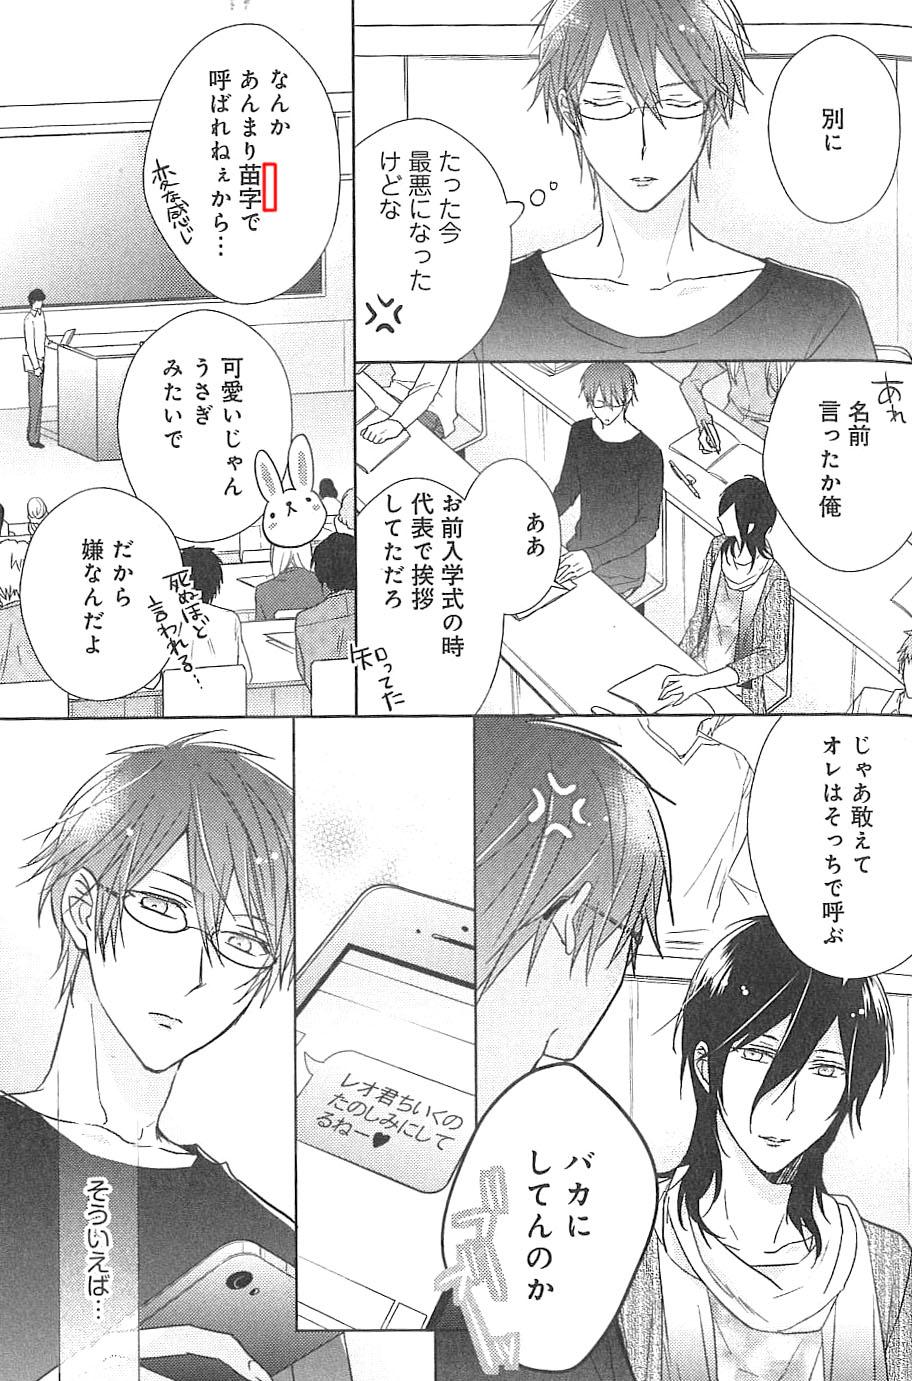 false_himitsu